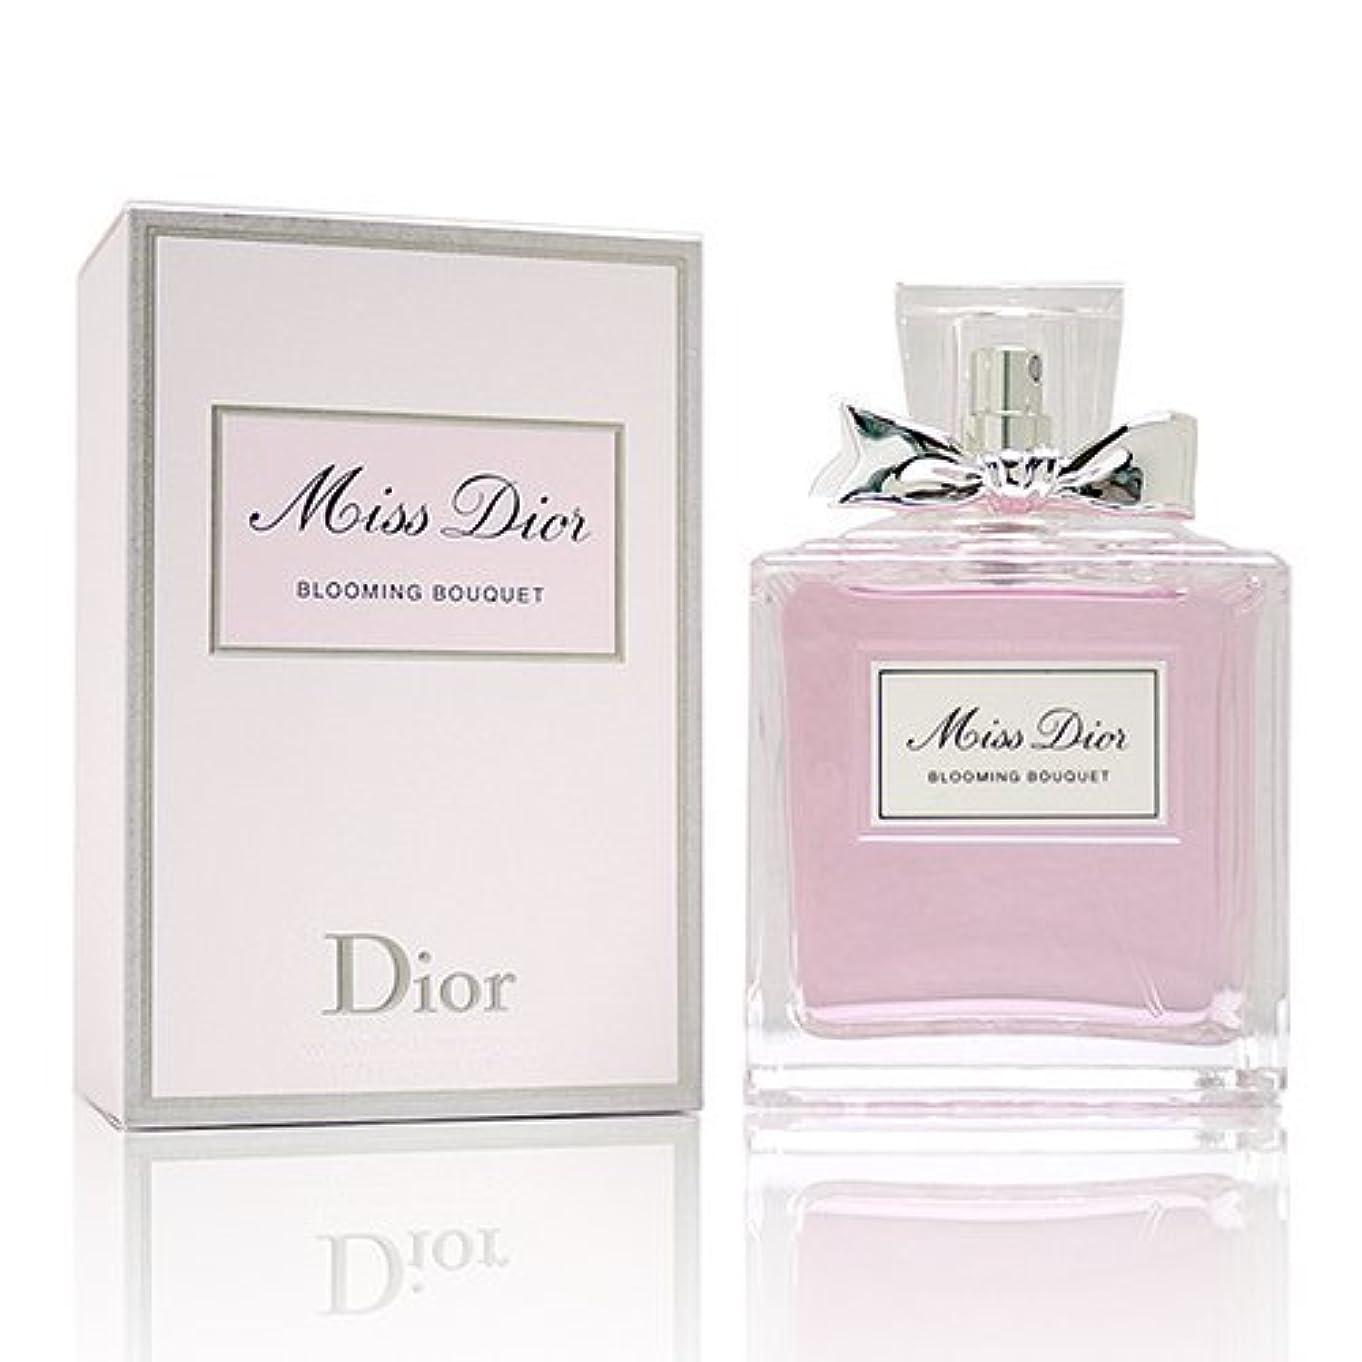 クリスチャン ディオール(Christian Dior) ミス ディオール ブルーミングブーケ EDT SP 150ml[並行輸入品]